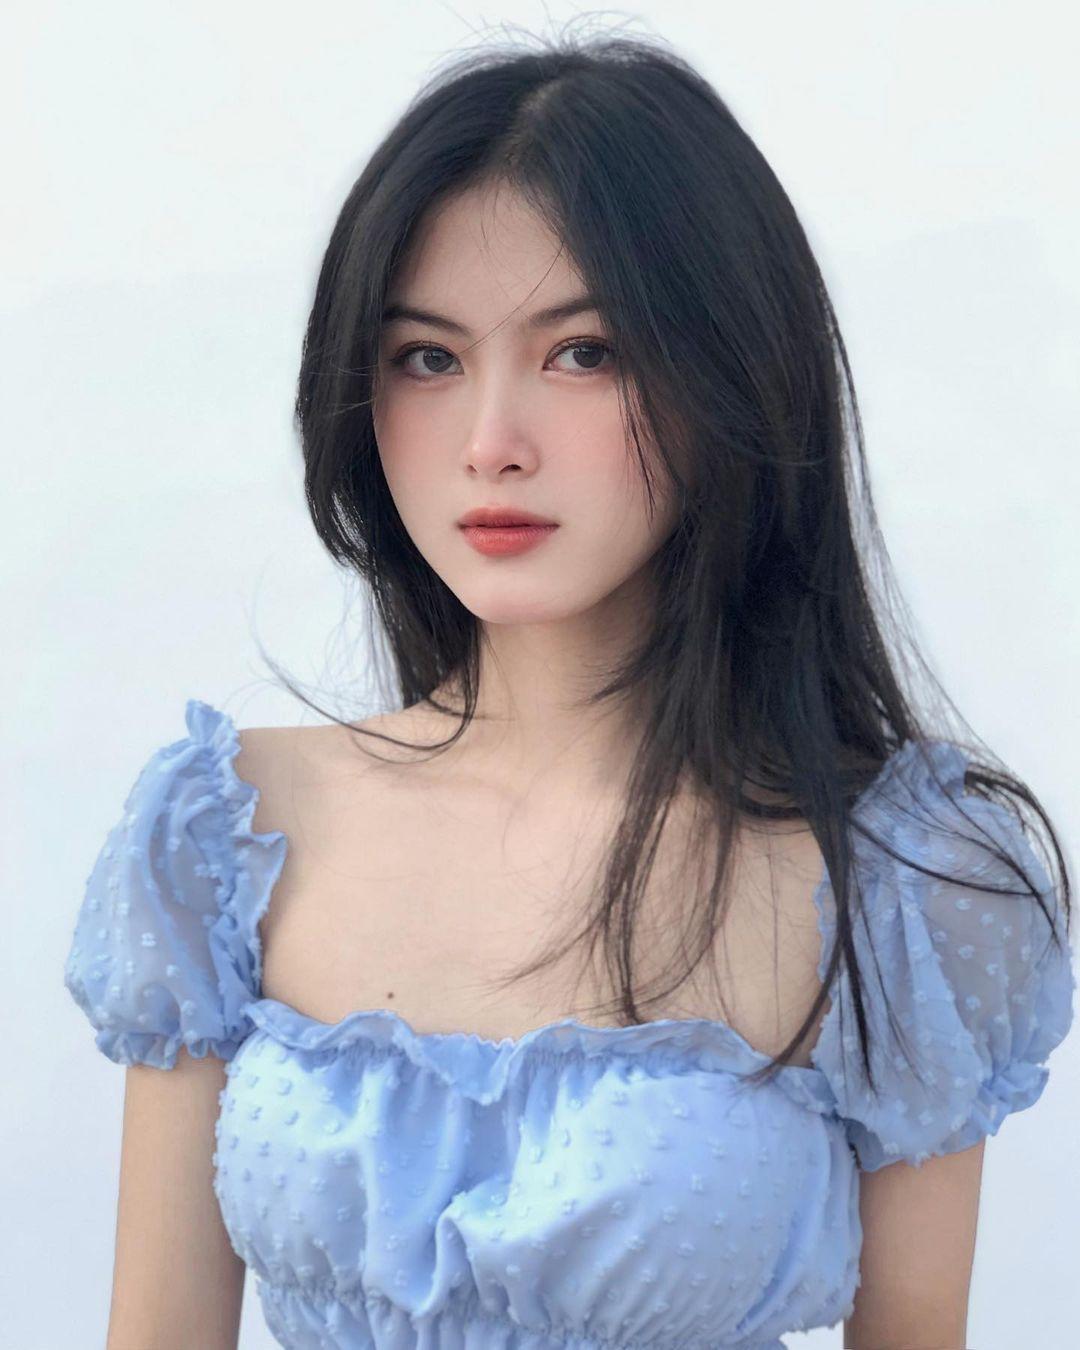 [人物]清纯越南妹子「Leely」辣穿奥黛,让人不被她掳获都不行啊. 养眼图片 第13张